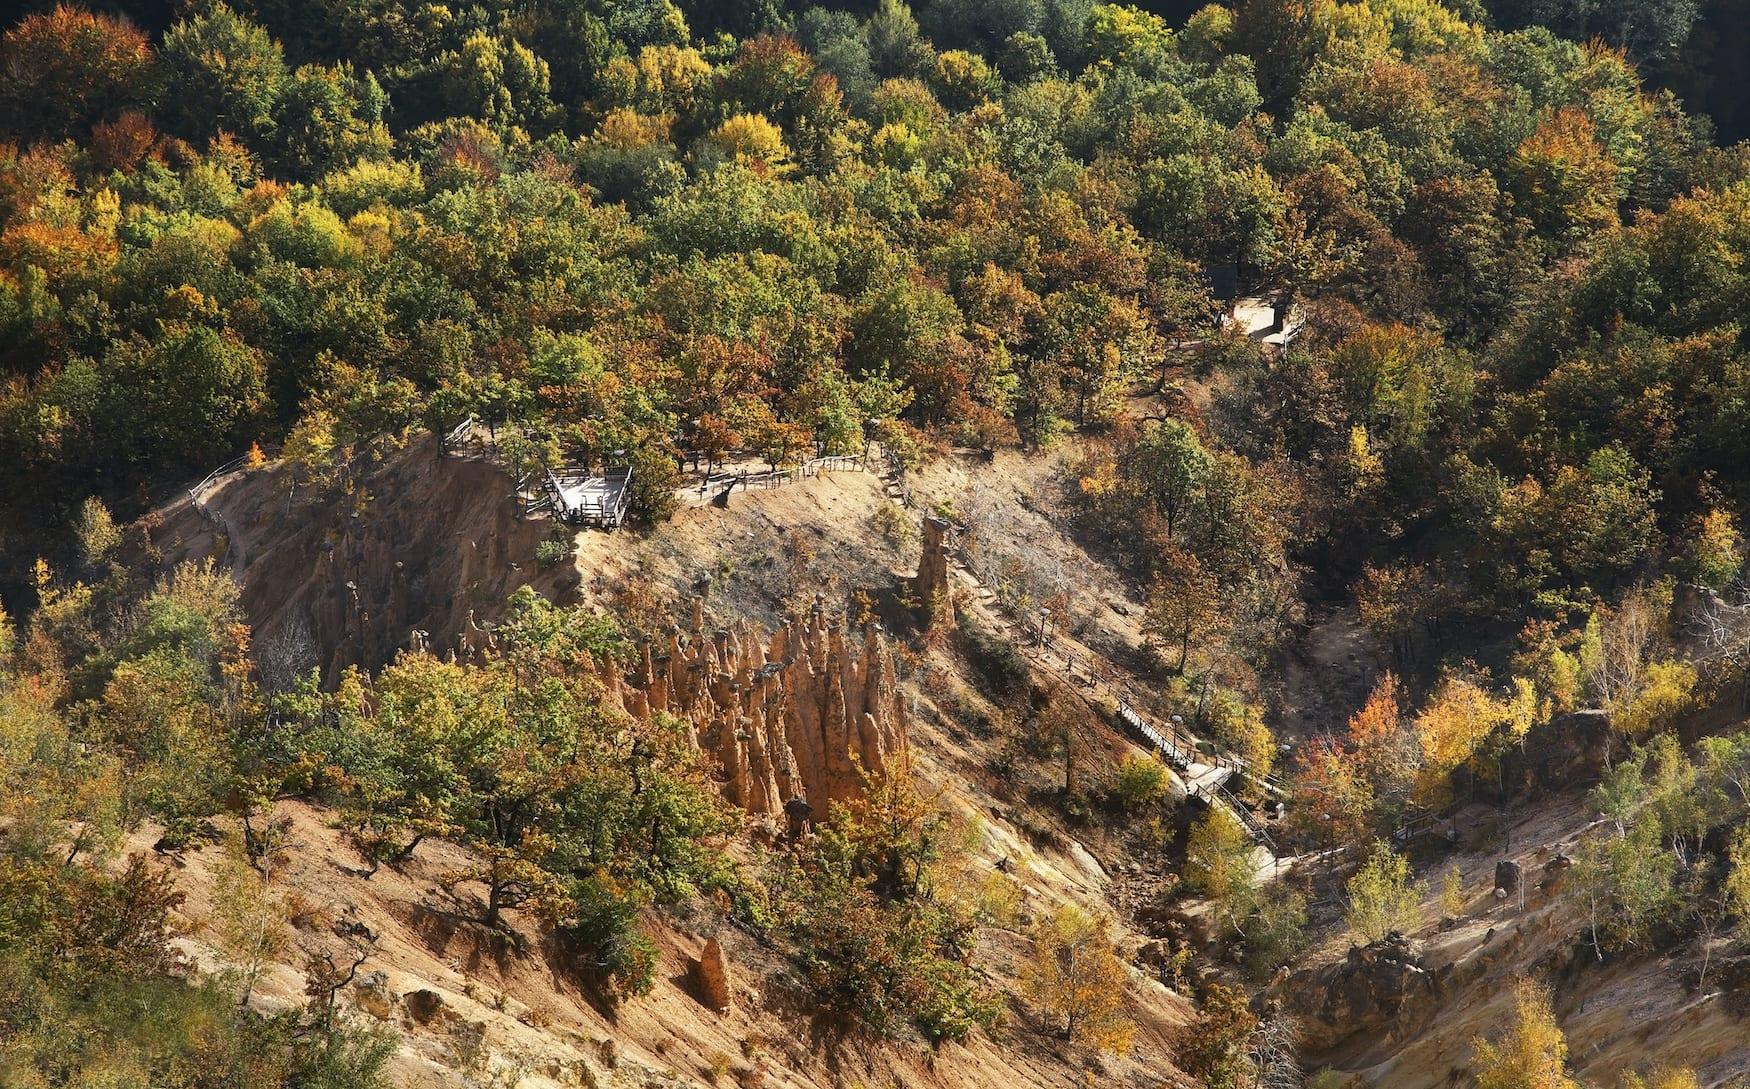 Die Teufelsformation im Radan-Gebirge aus der Vogelperspektive